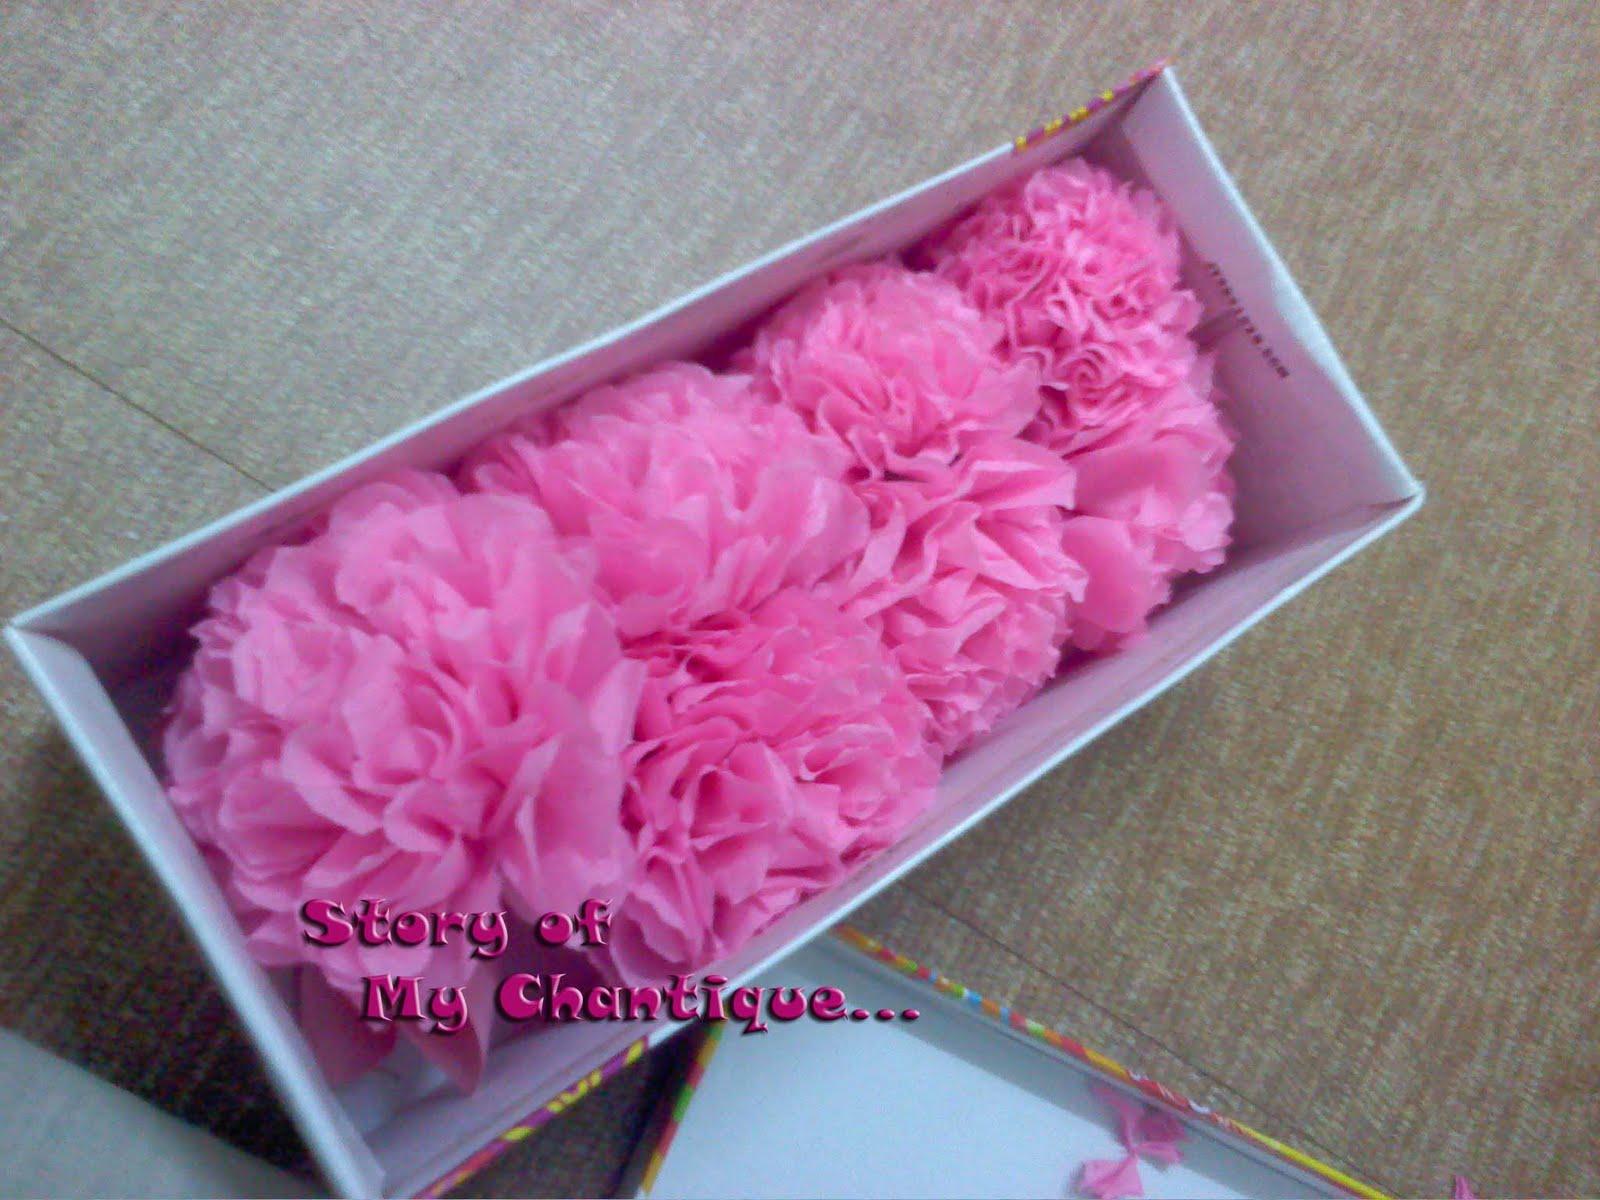 http://2.bp.blogspot.com/-8G5X5U_v8Fk/TdFbLQFHeRI/AAAAAAAAAD4/U4MhAZpSRHQ/s1600/2011-05-15%2B00.45.08%2Bcopy.jpg